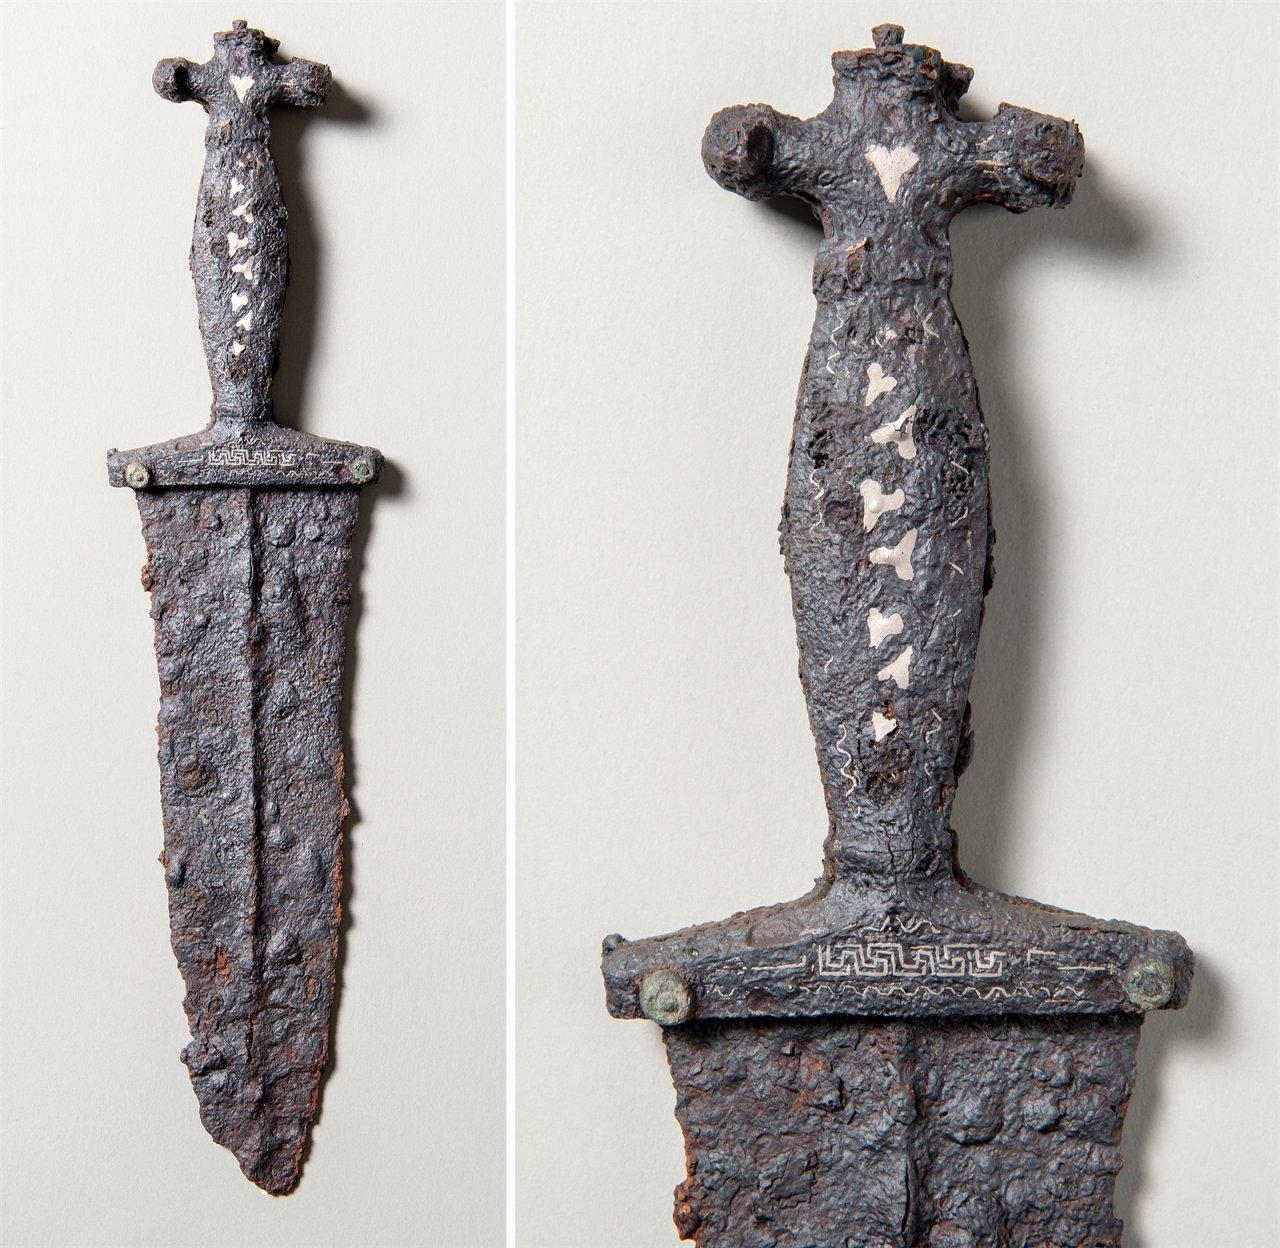 un-raro-pugnale-romano-trovato-in-val-sursette